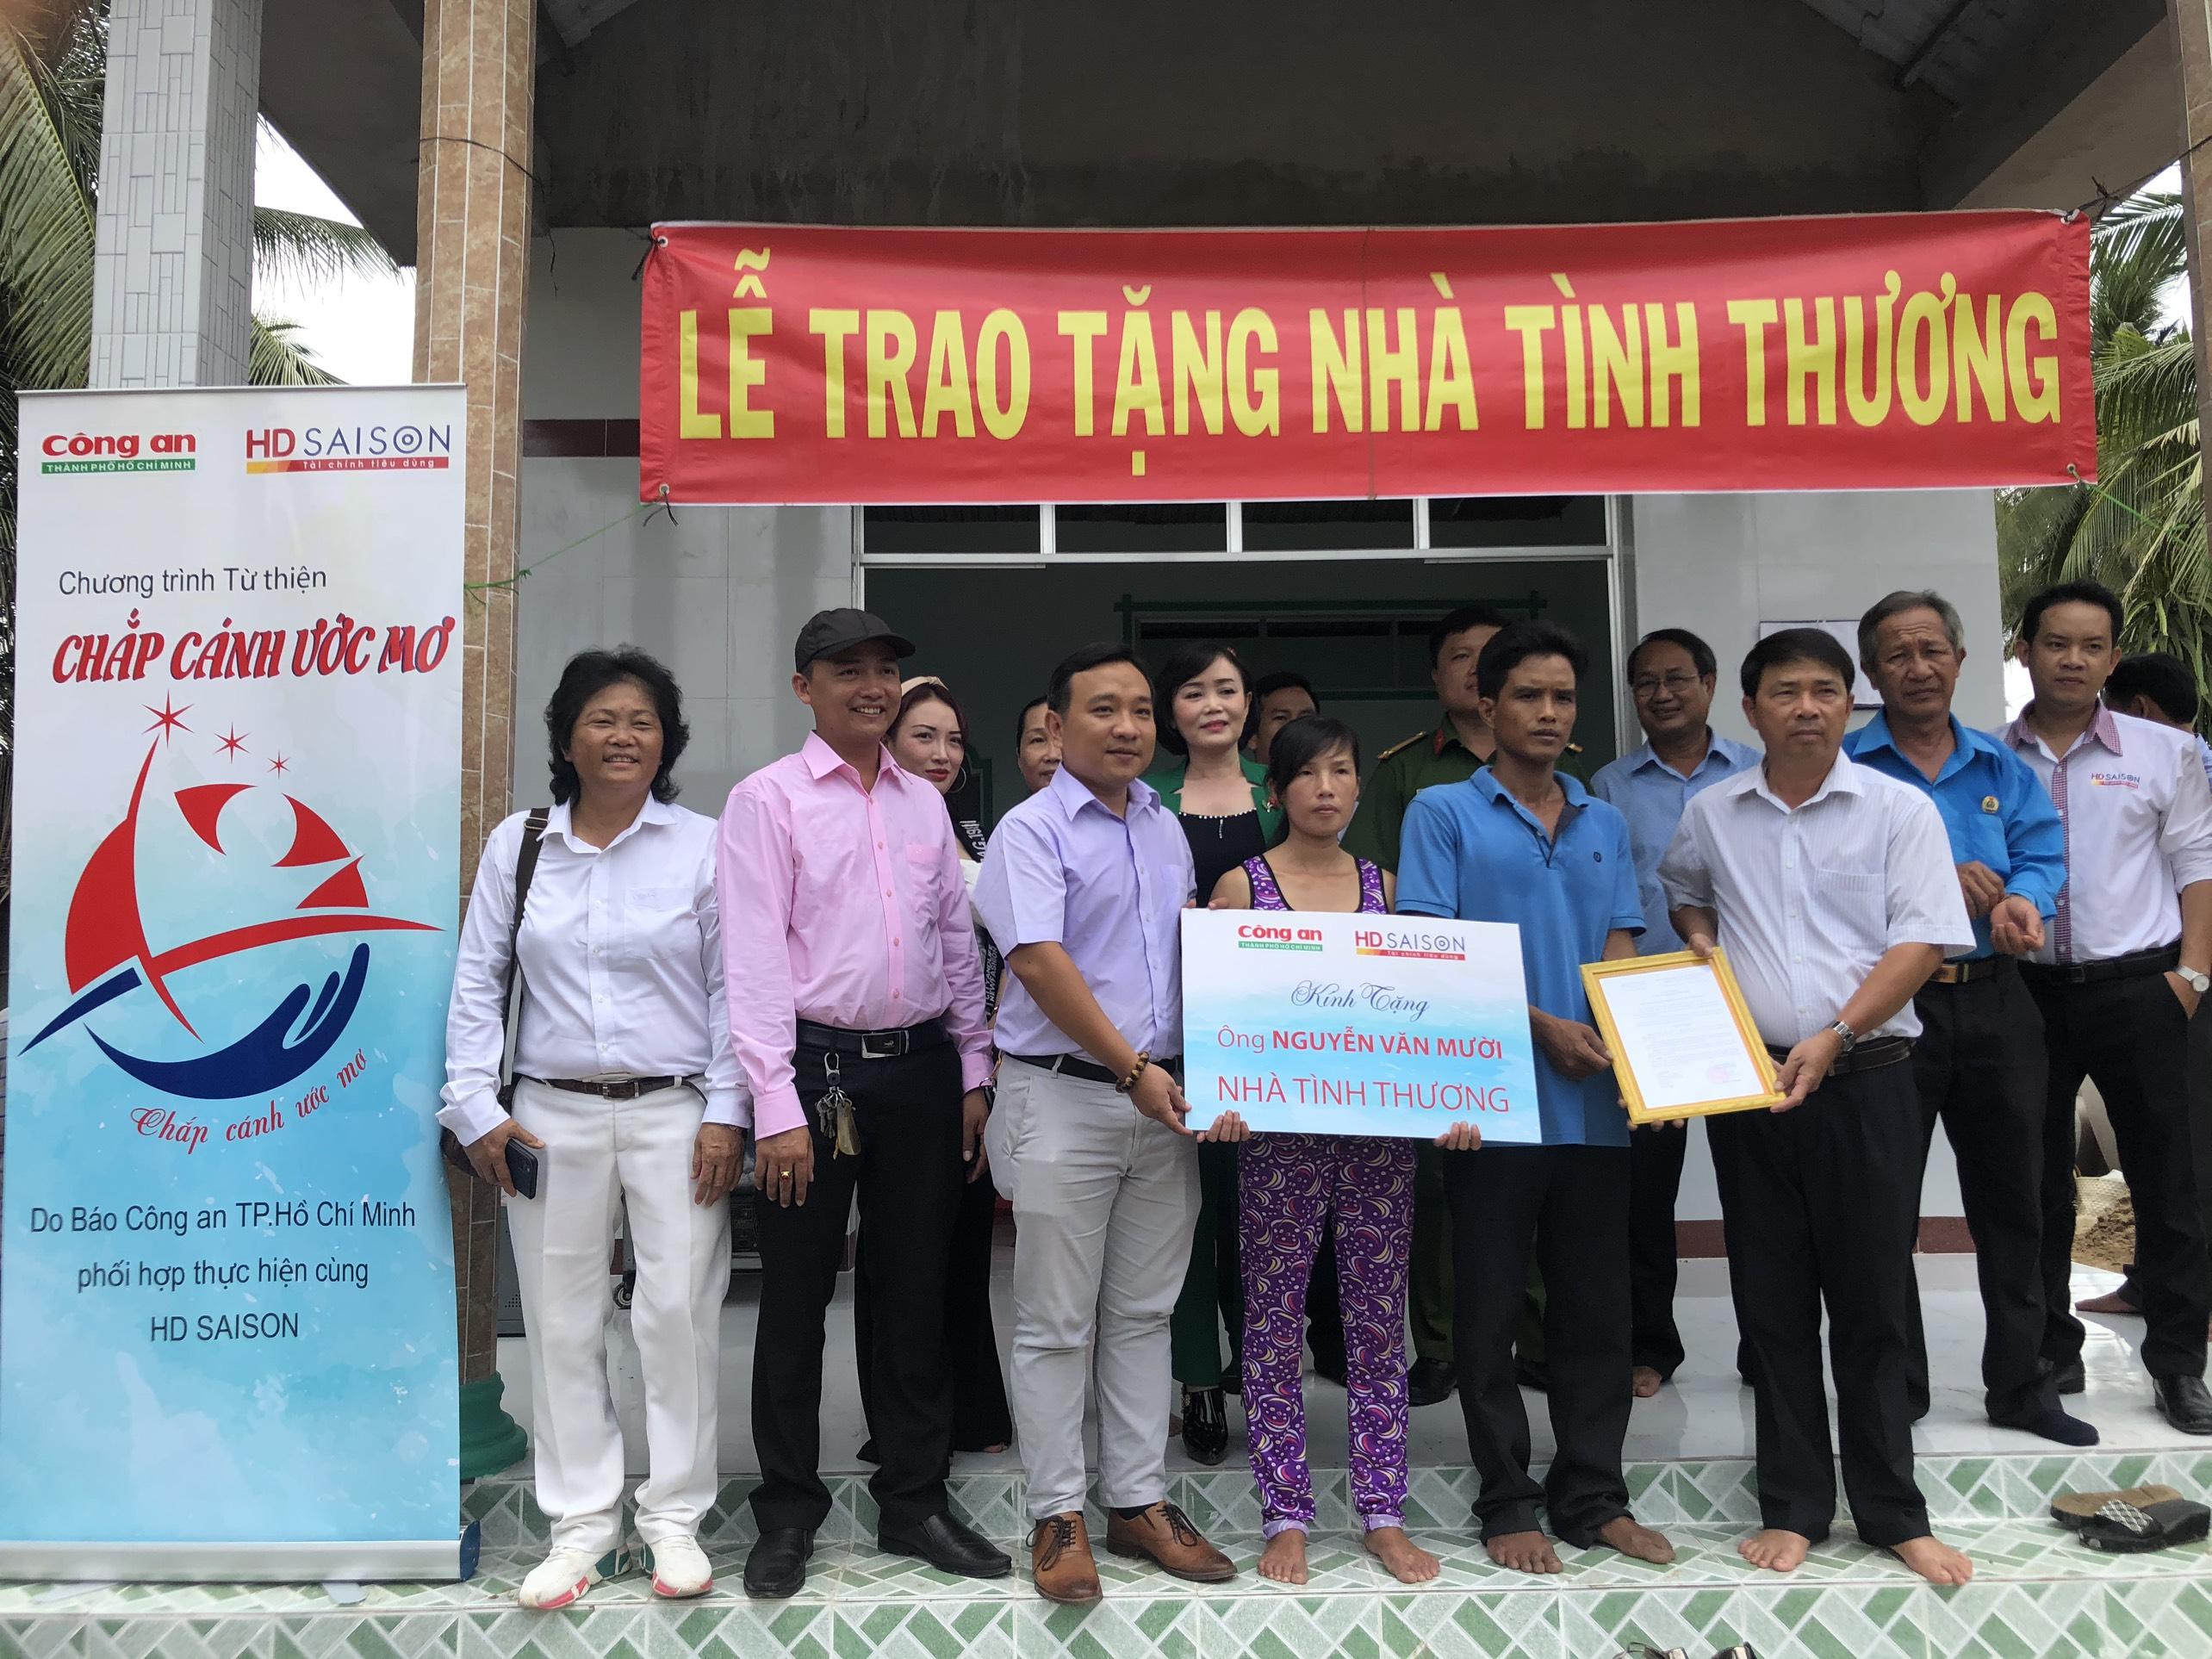 """HD SAISON tiếp tục hành trình """"Chắp cánh ước mơ"""" tại tỉnh Trà Vinh"""